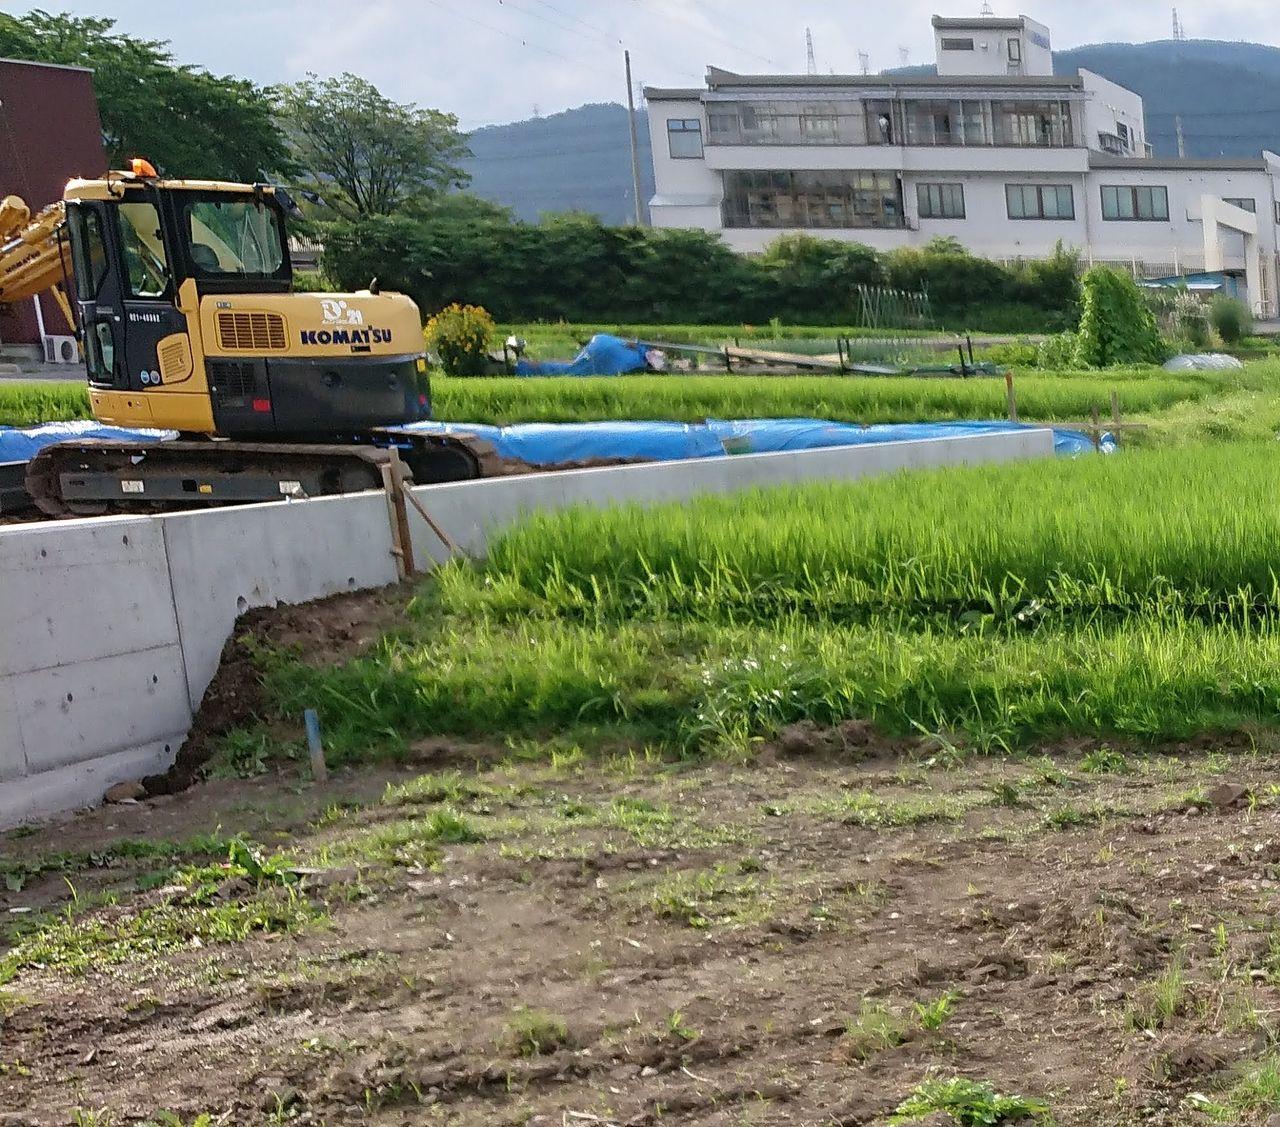 毎日雨が降っていて地盤が緩んでいましたから、畔が崩れたりしたらお隣りの田んぼの水が抜けてしまいます。無事にコンクリート擁壁が完成してよかった。